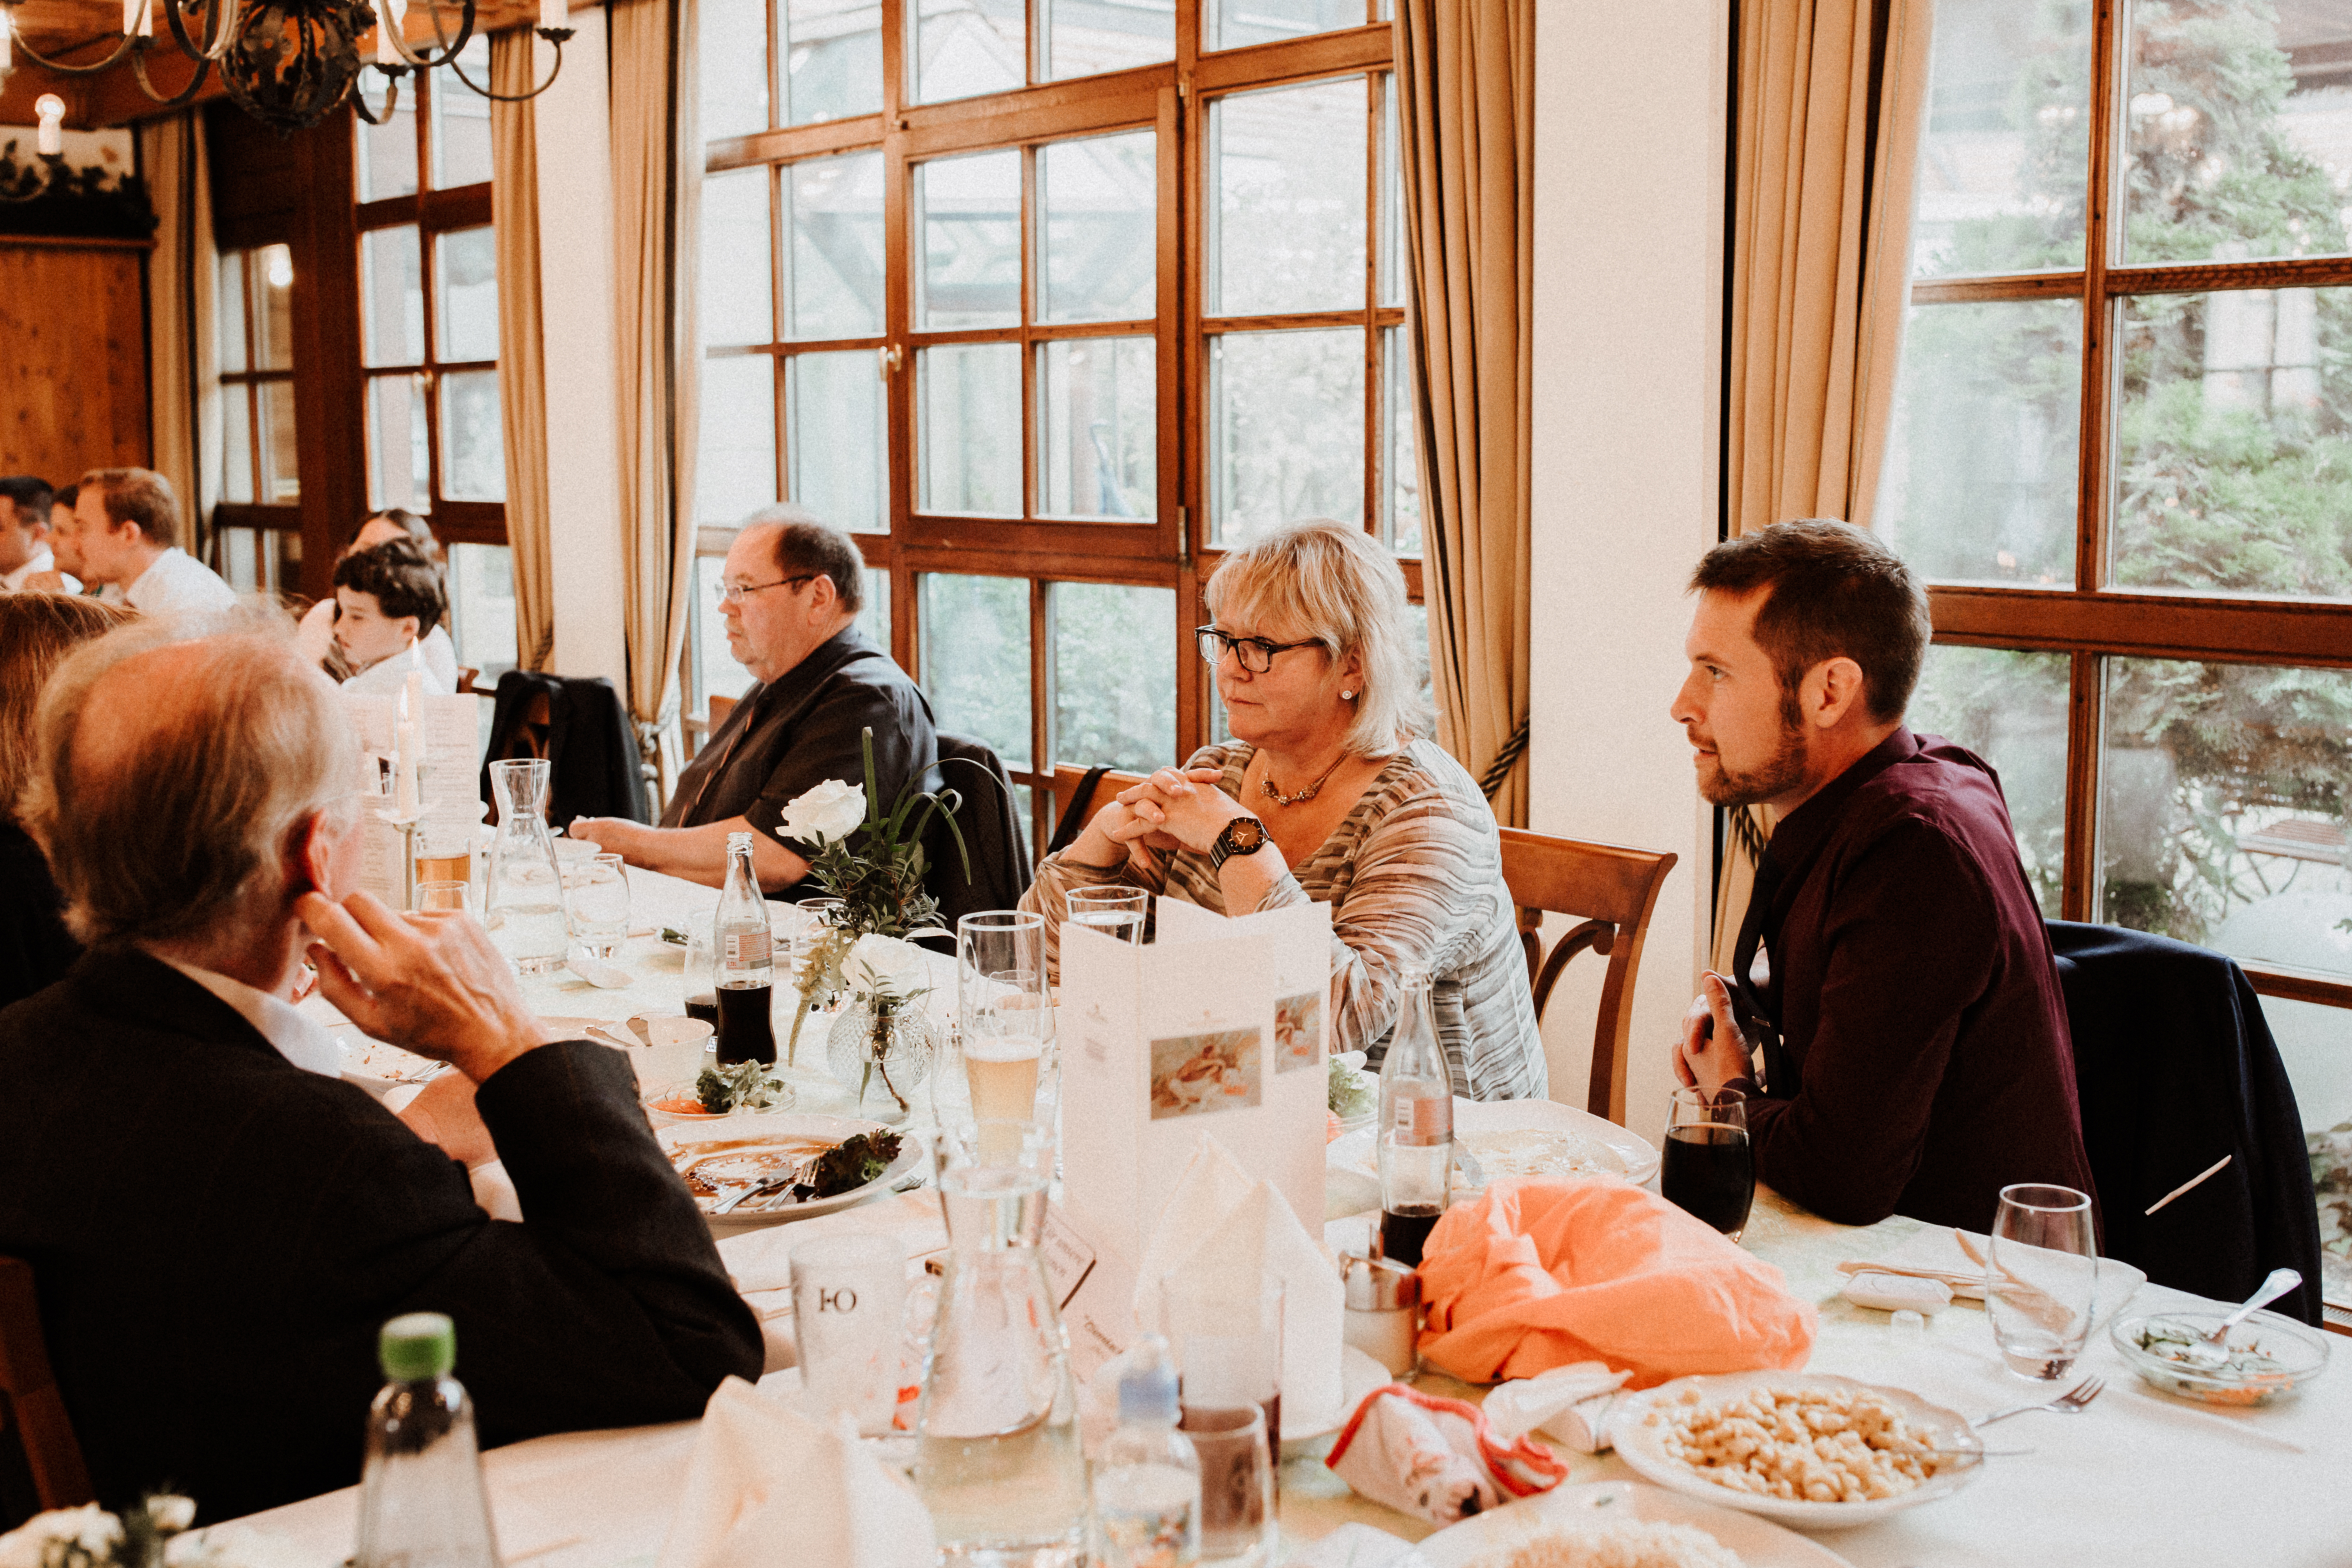 URBANERIE_Daniela_Goth_Hochzeitsfotografin_Nürnberg_Fürth_Erlangen_Schwabach_171007_1079